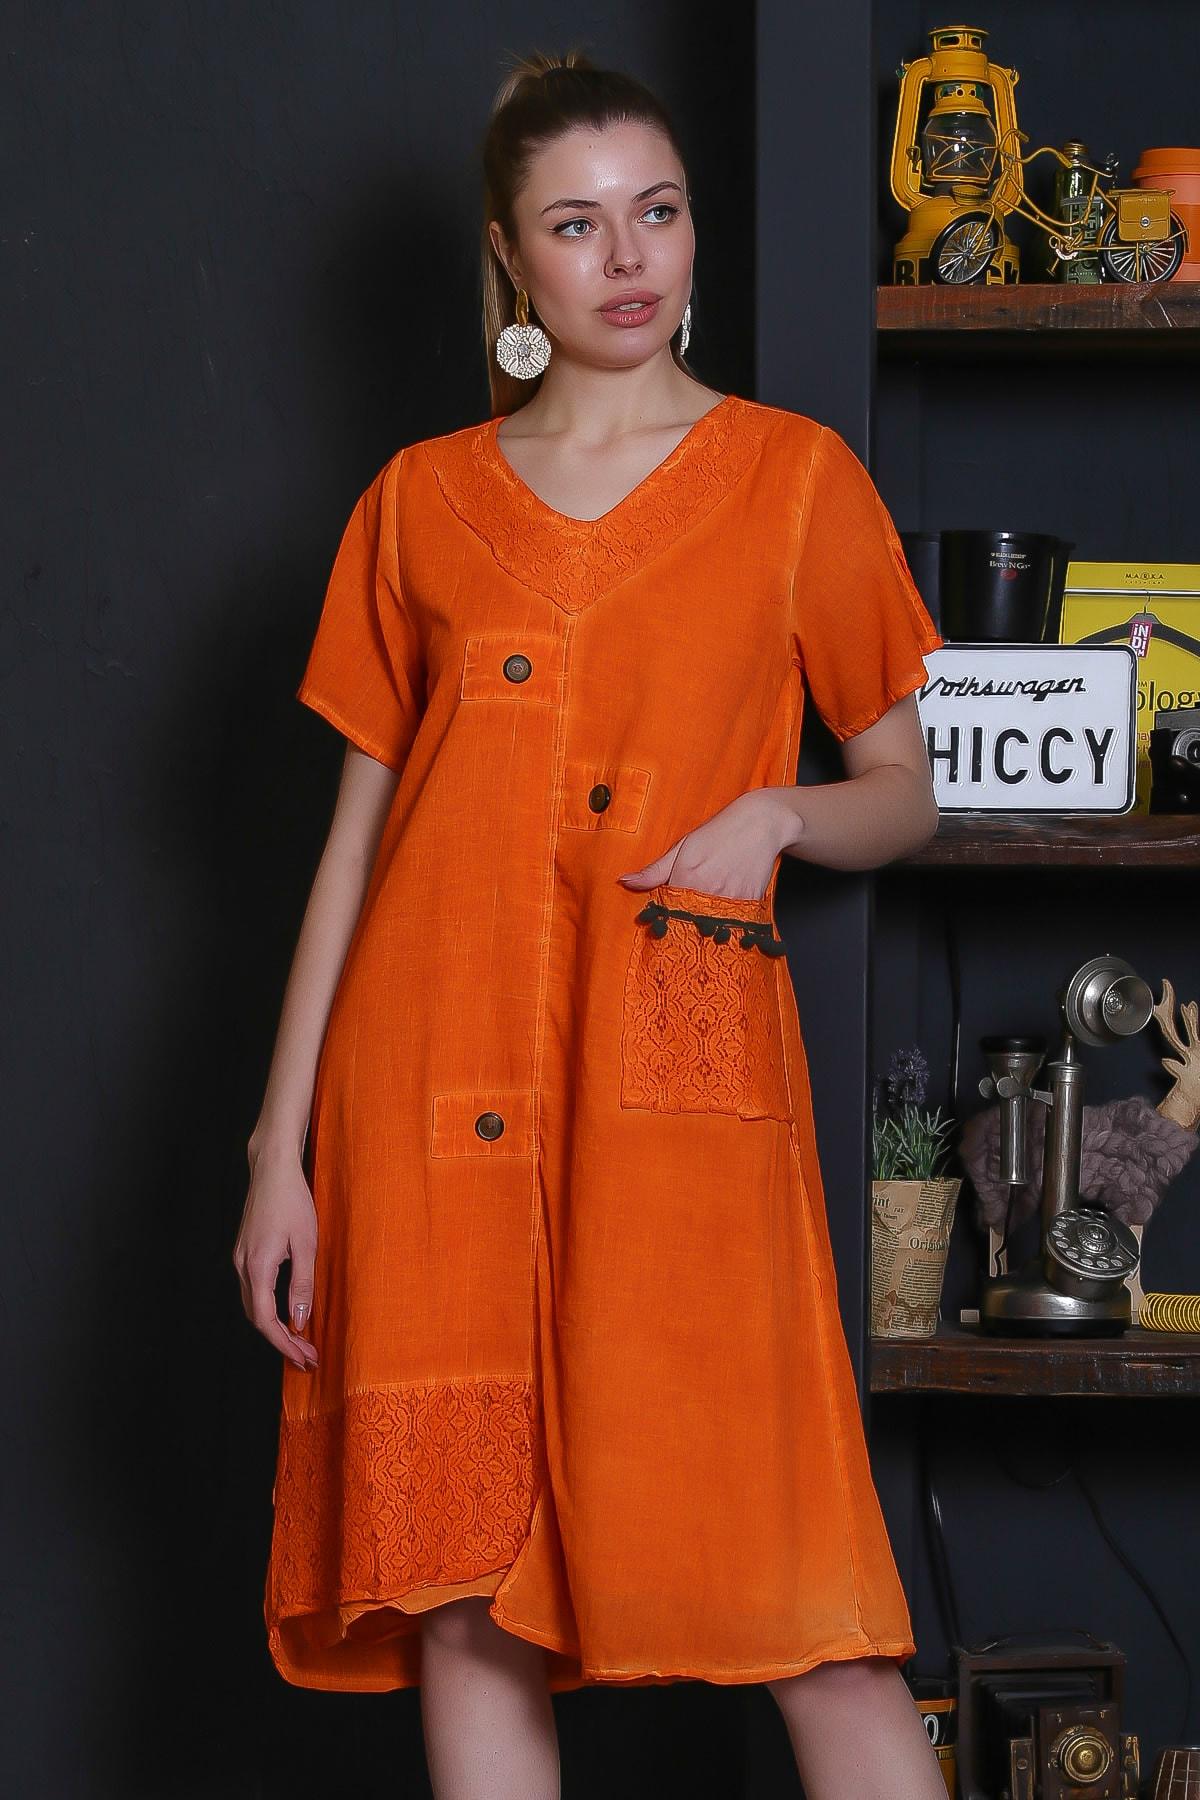 Chiccy Kadın Turuncu Dantel Yaka Ve Cep Detaylı Süs Düğmeli Astarlı Yıkamalı Elbise M10160000EL95281 0